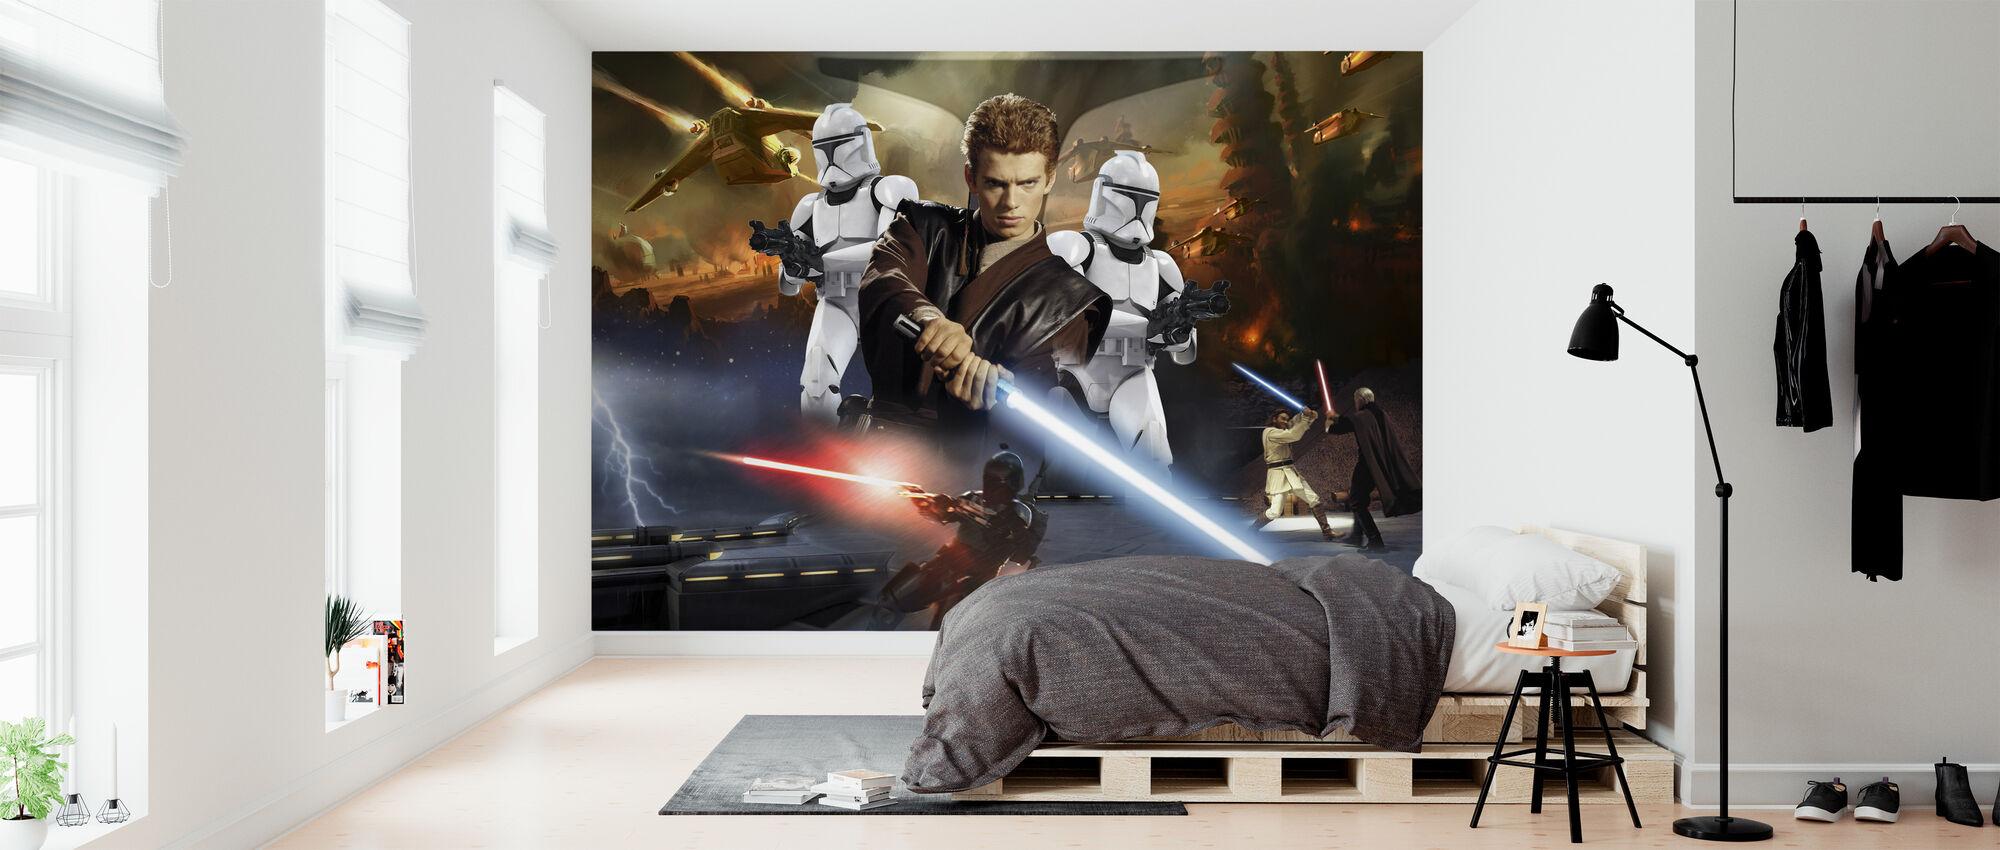 Star Wars - Anakin Skywalker og klone Troopers - Tapet - Soverom